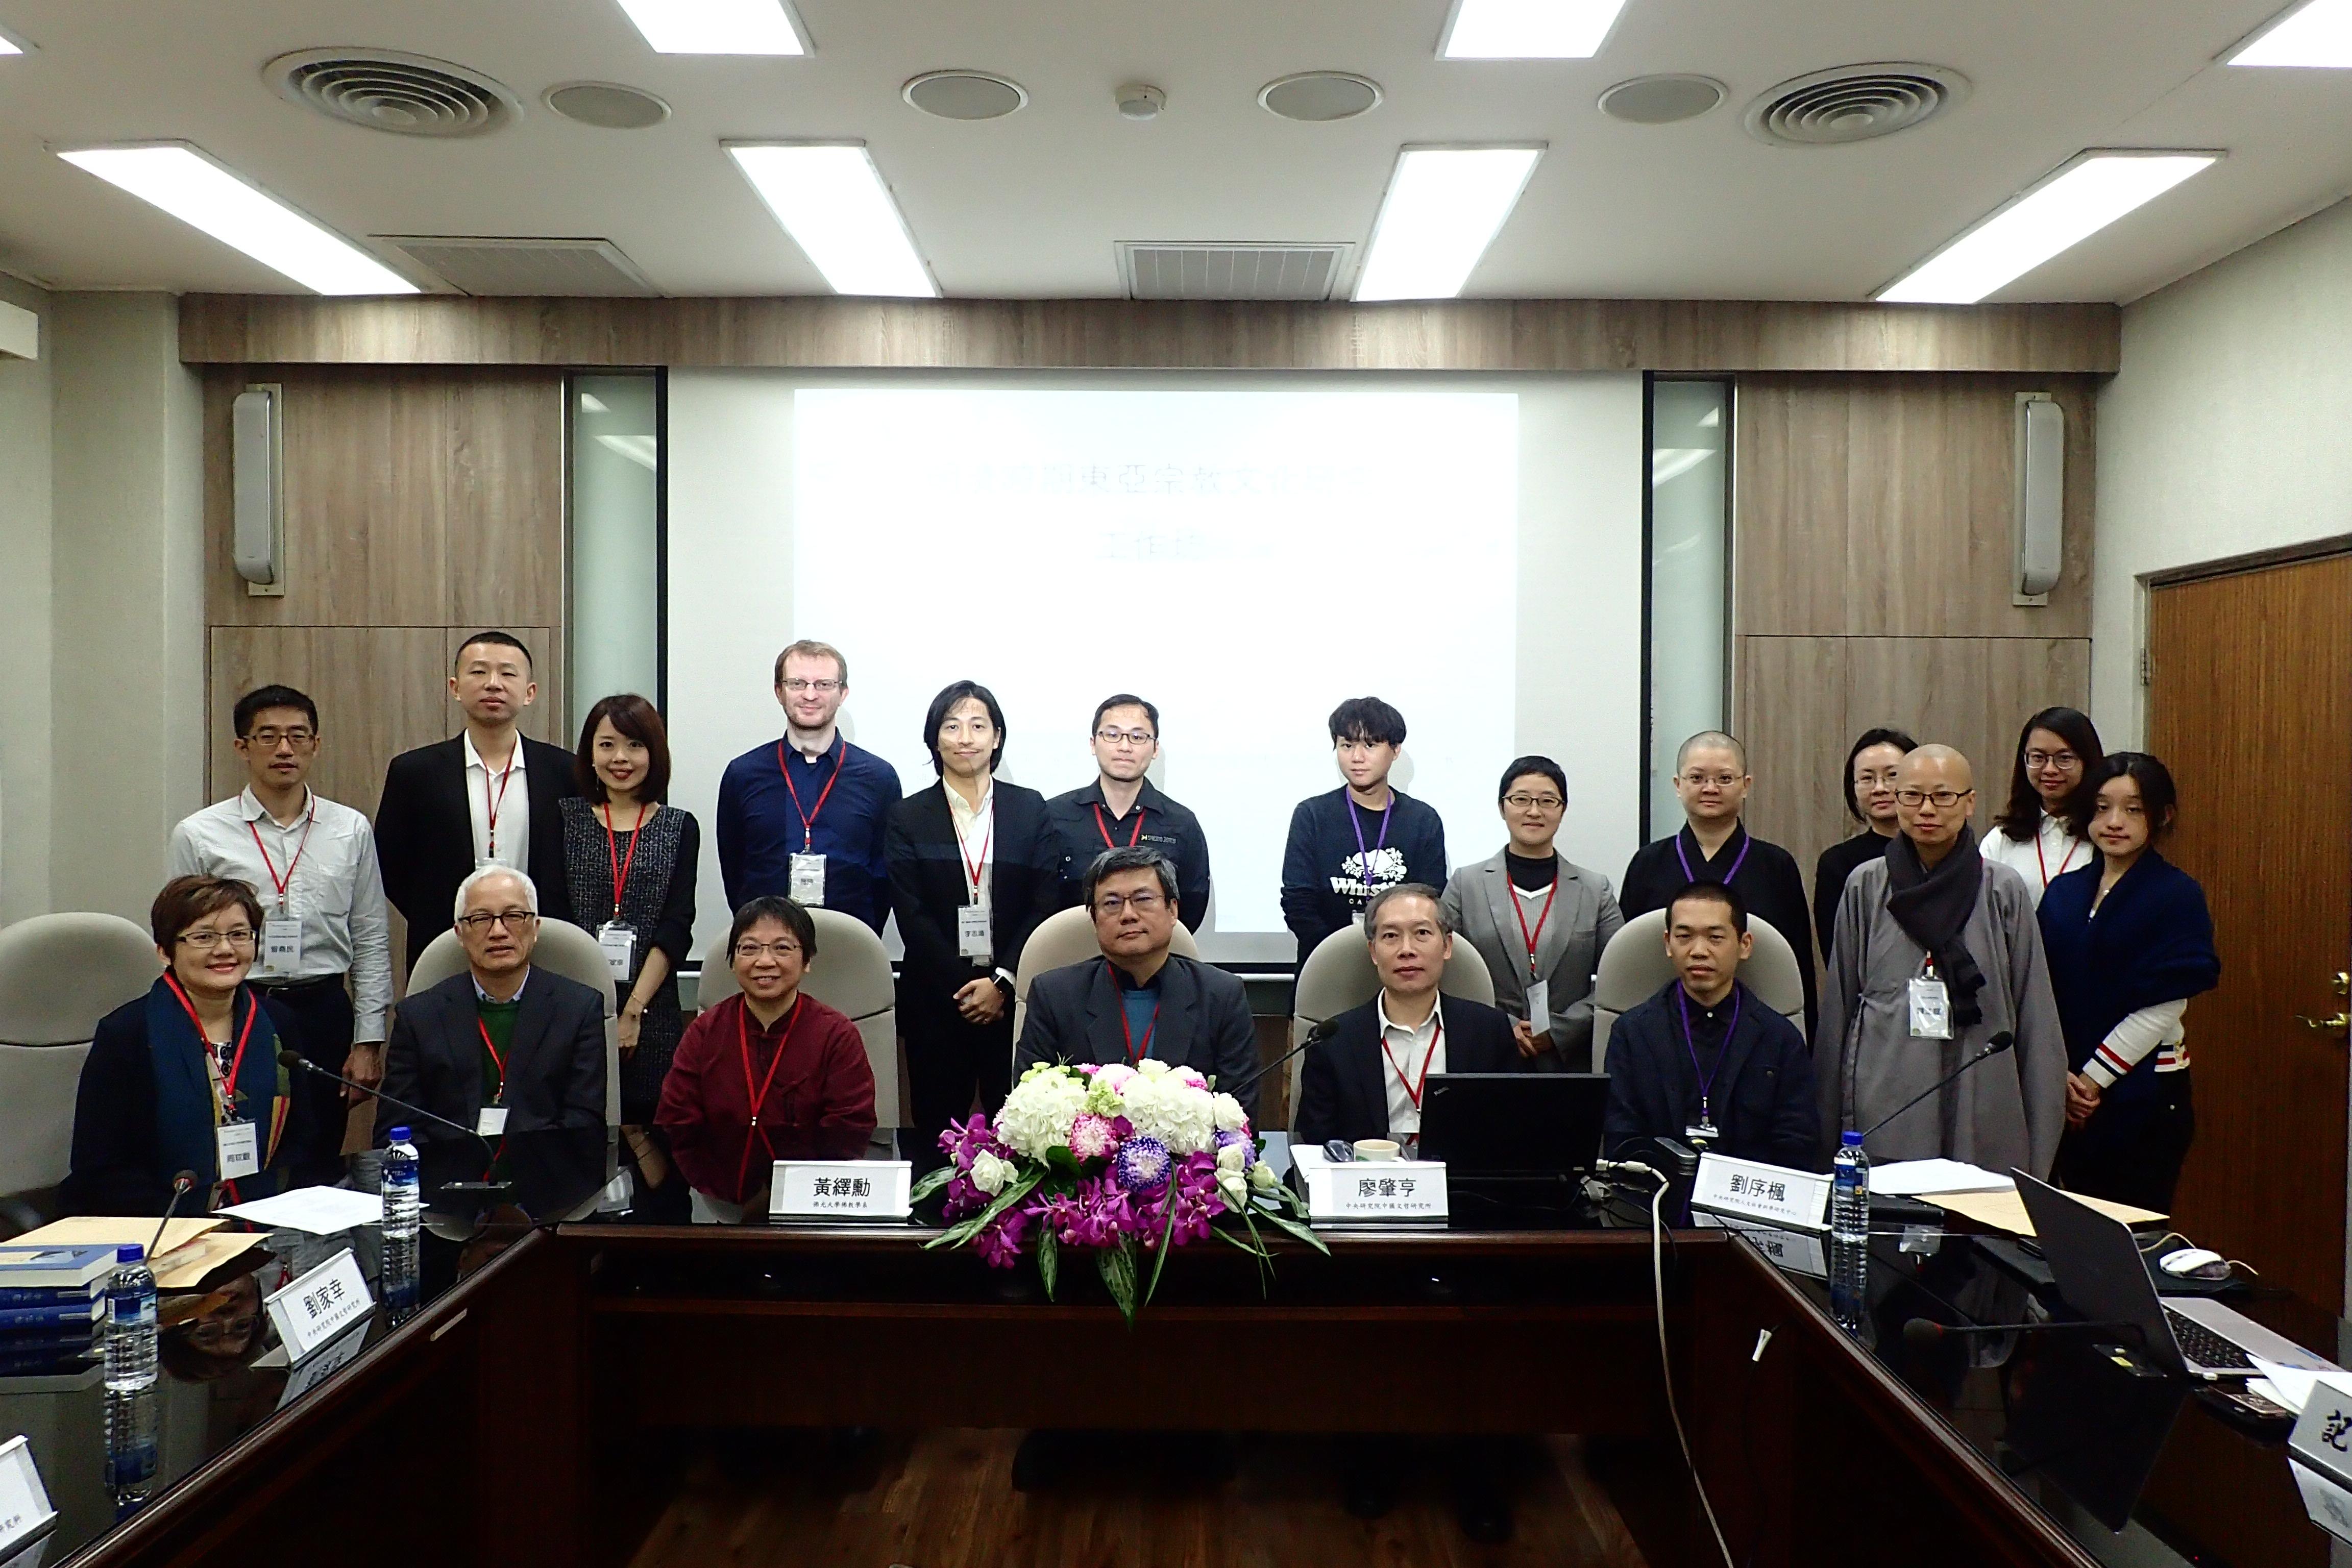 「明清時期東亞宗教文化研究」會議報導